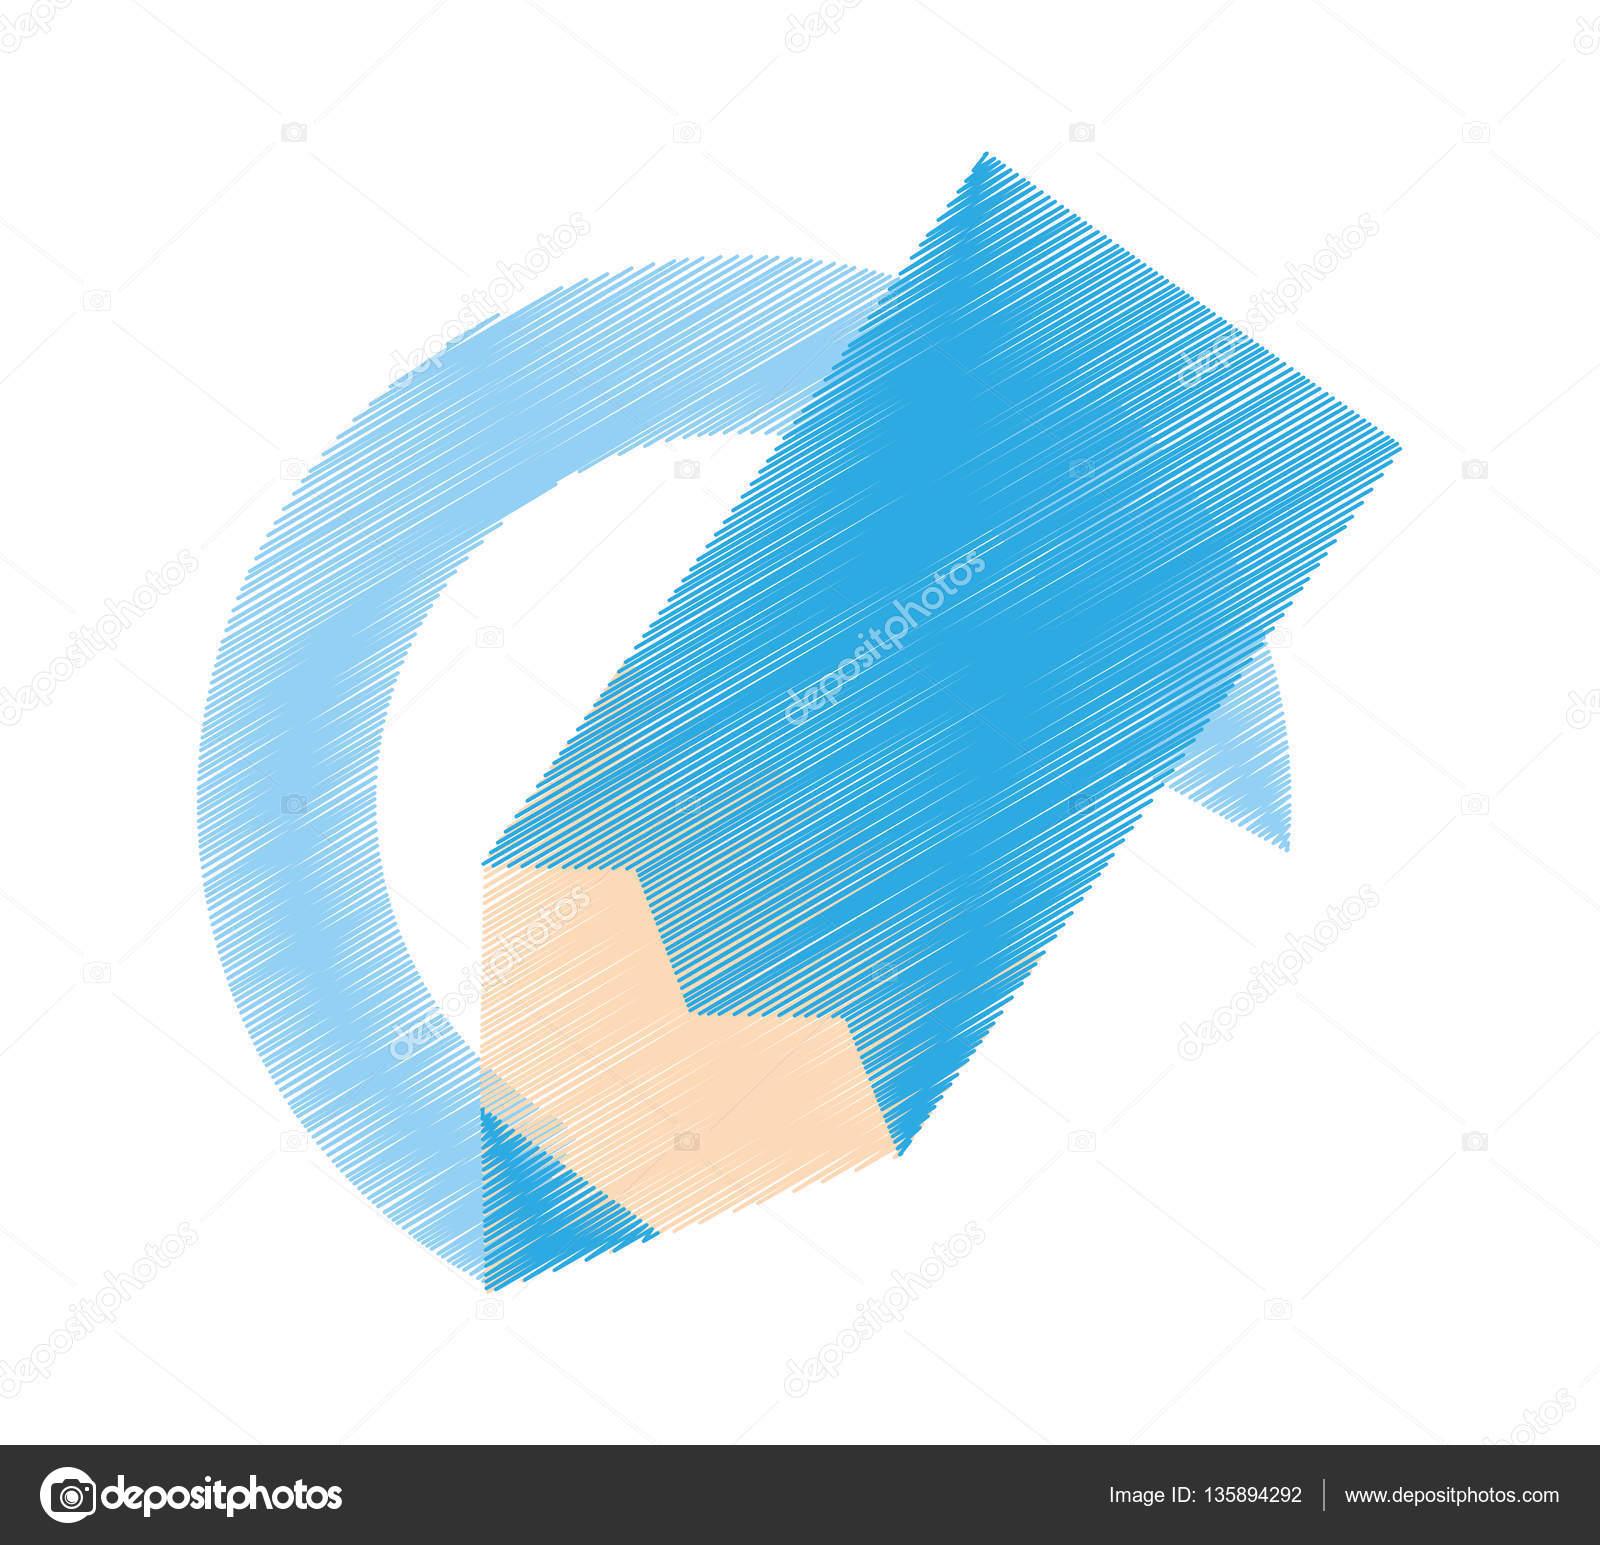 Dessin Cole De Peinture De Couleur Bleue Image Vectorielle Djv